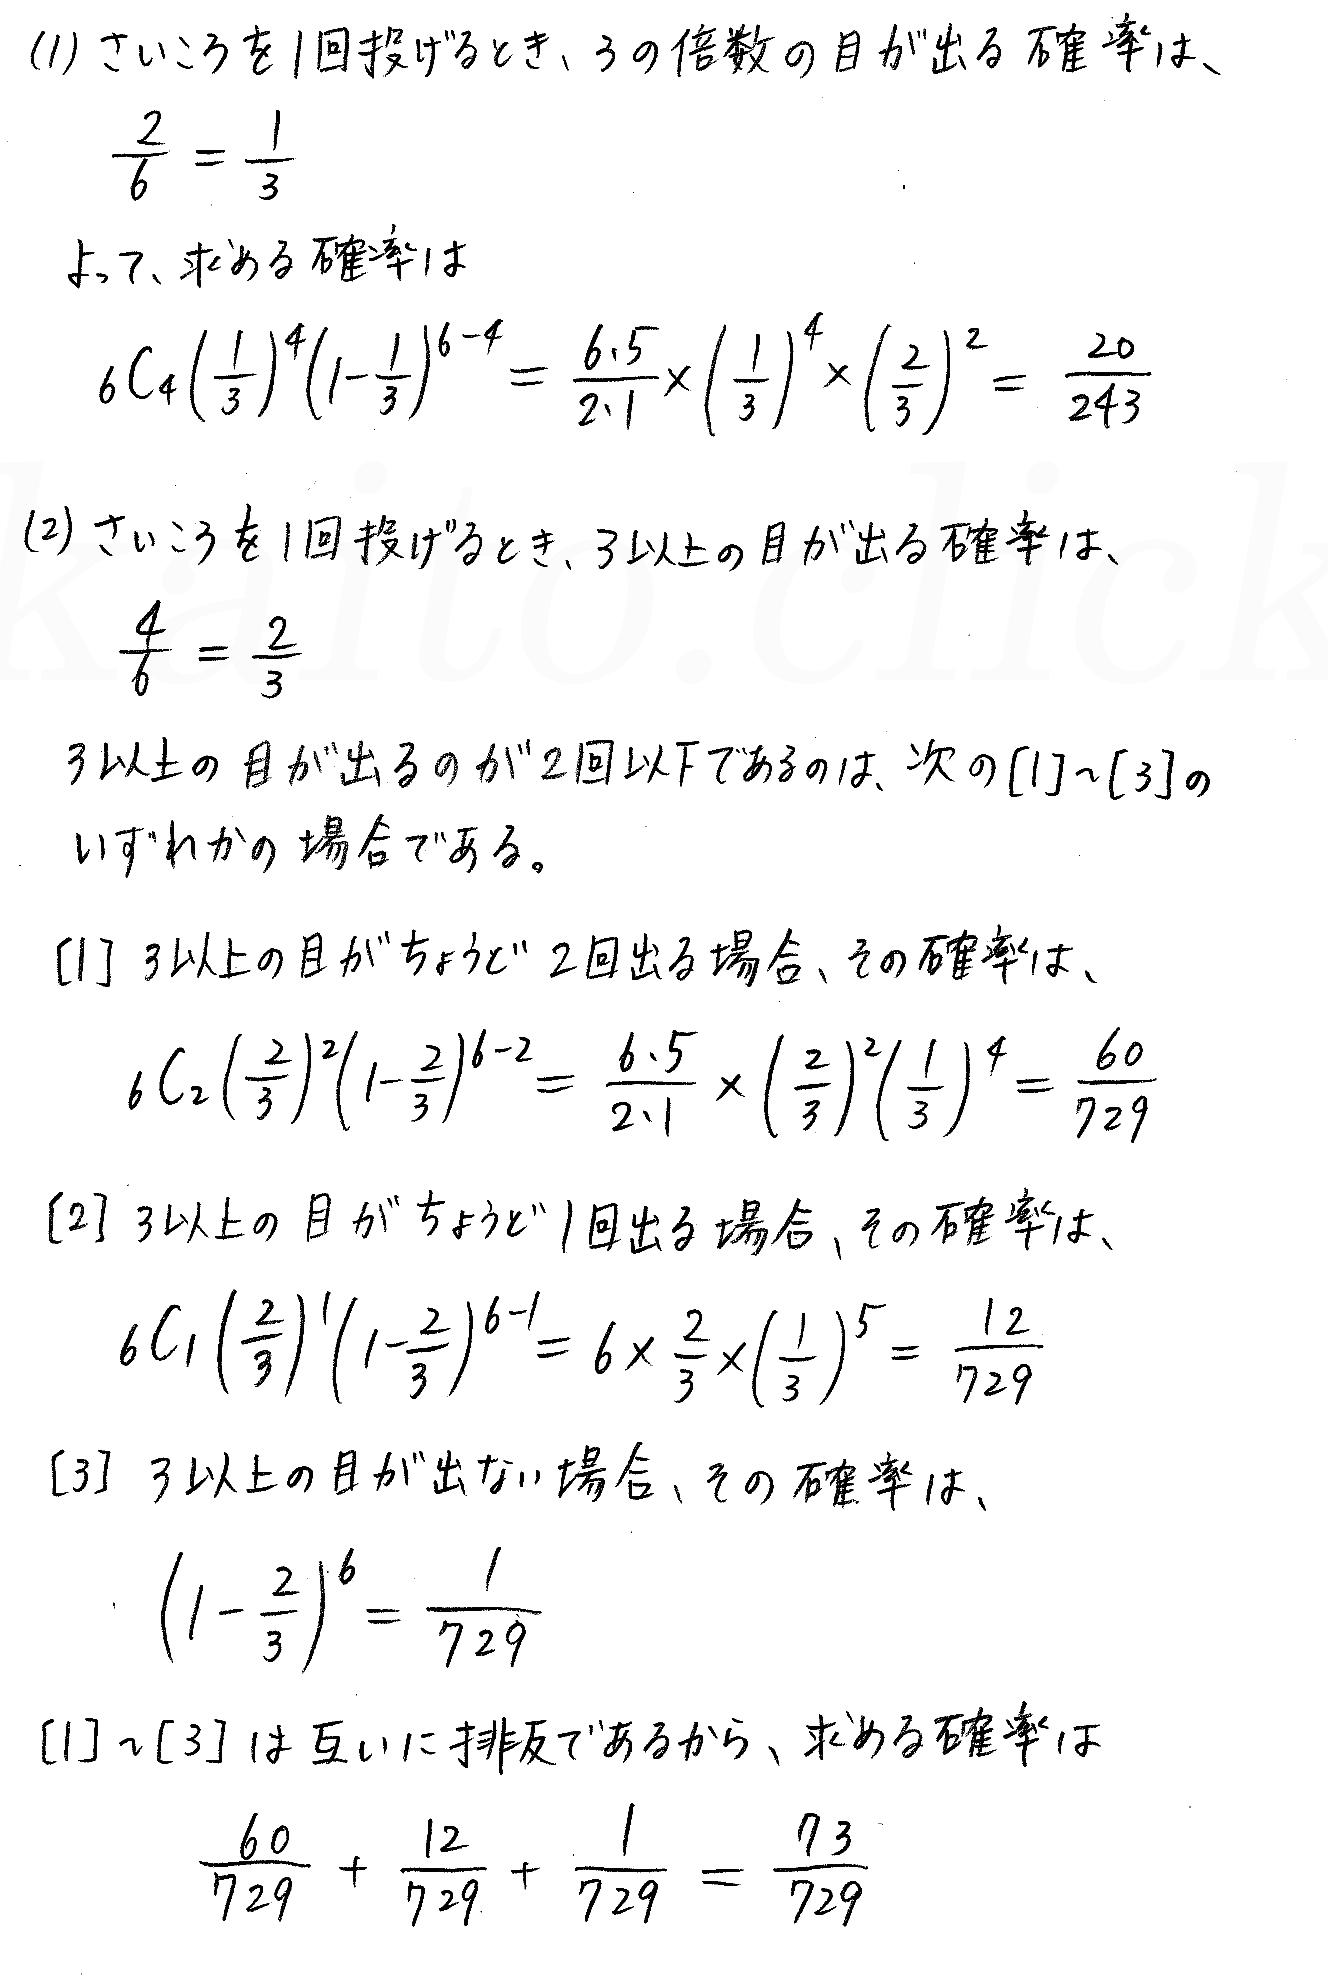 クリアー数学A-109解答